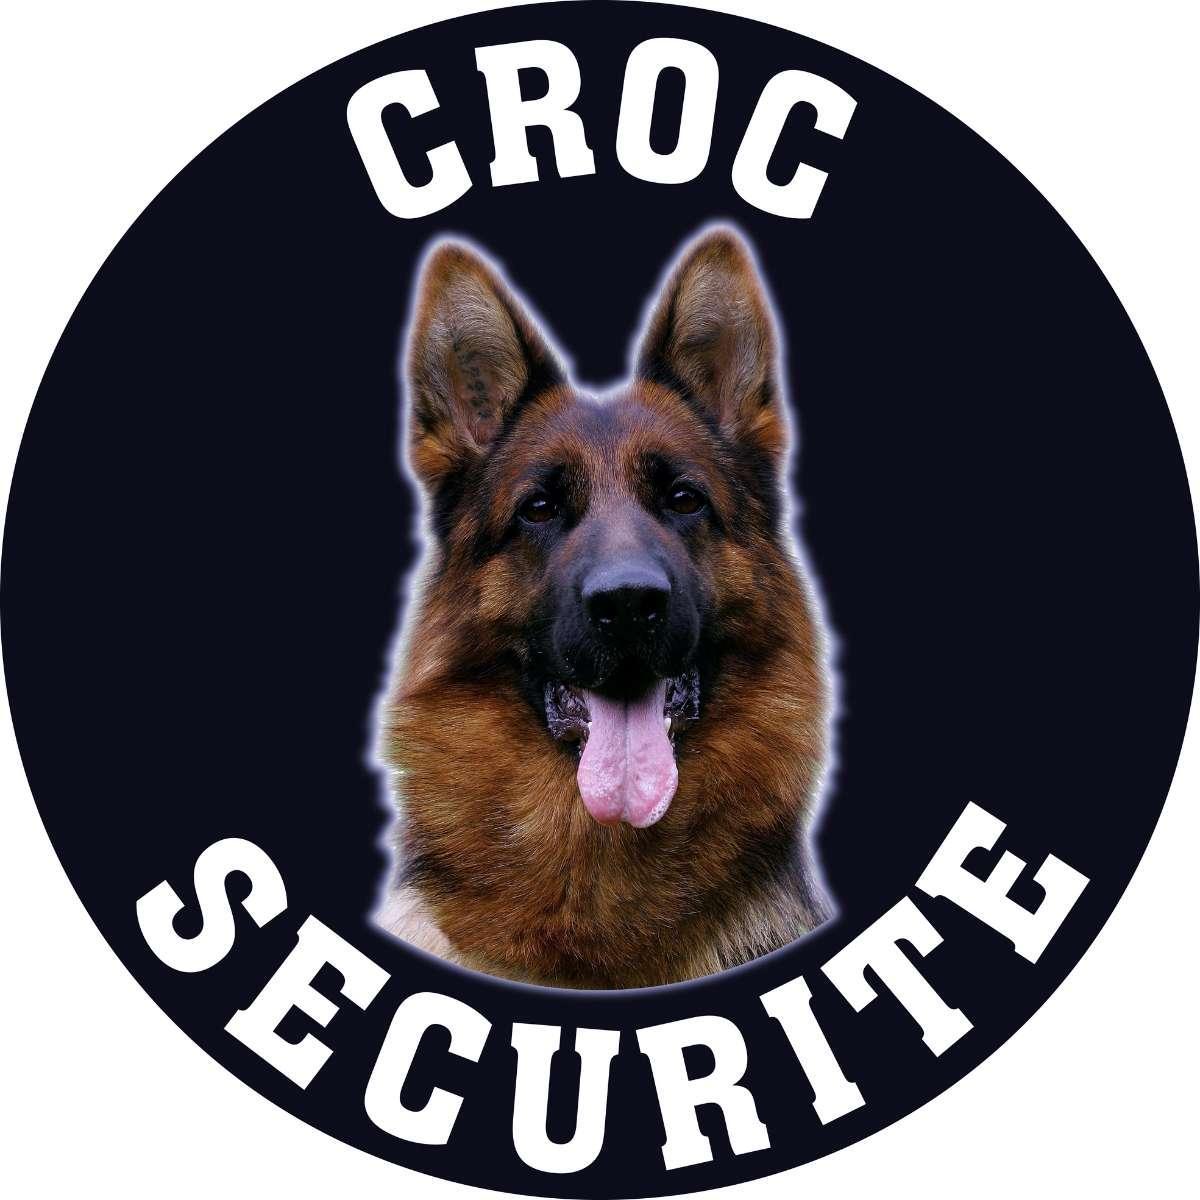 Maître-chiens de l'entreprise de sécurité Croc Sécurité à Baignes (16)